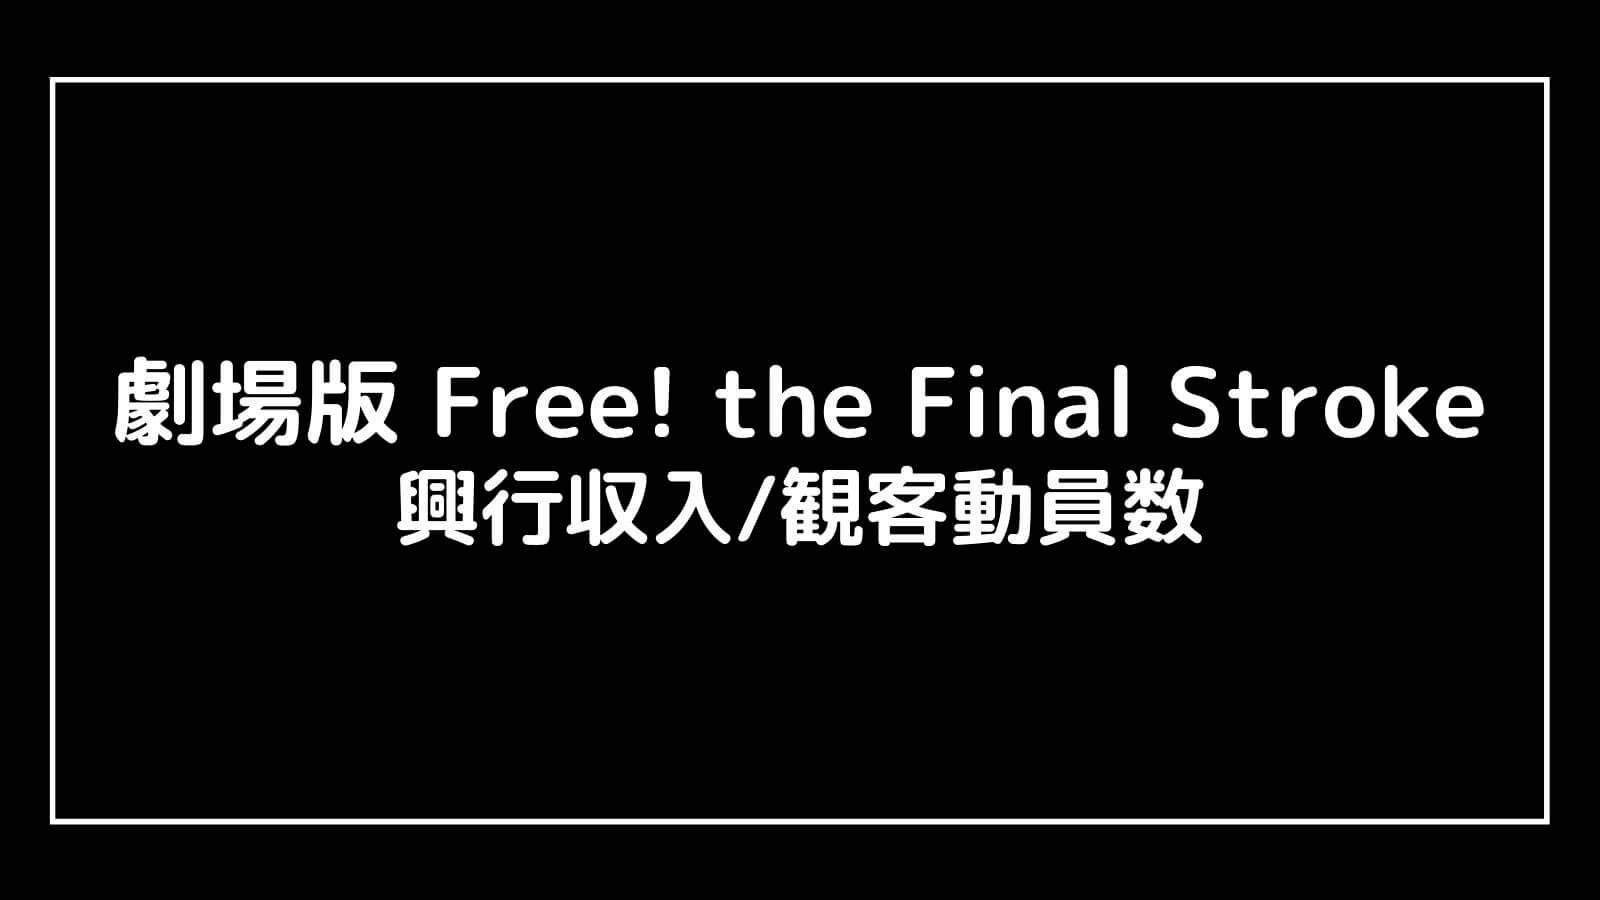 映画『Free! the Final Stroke(2021)』興行収入推移と最終興収を元映画館社員が予想